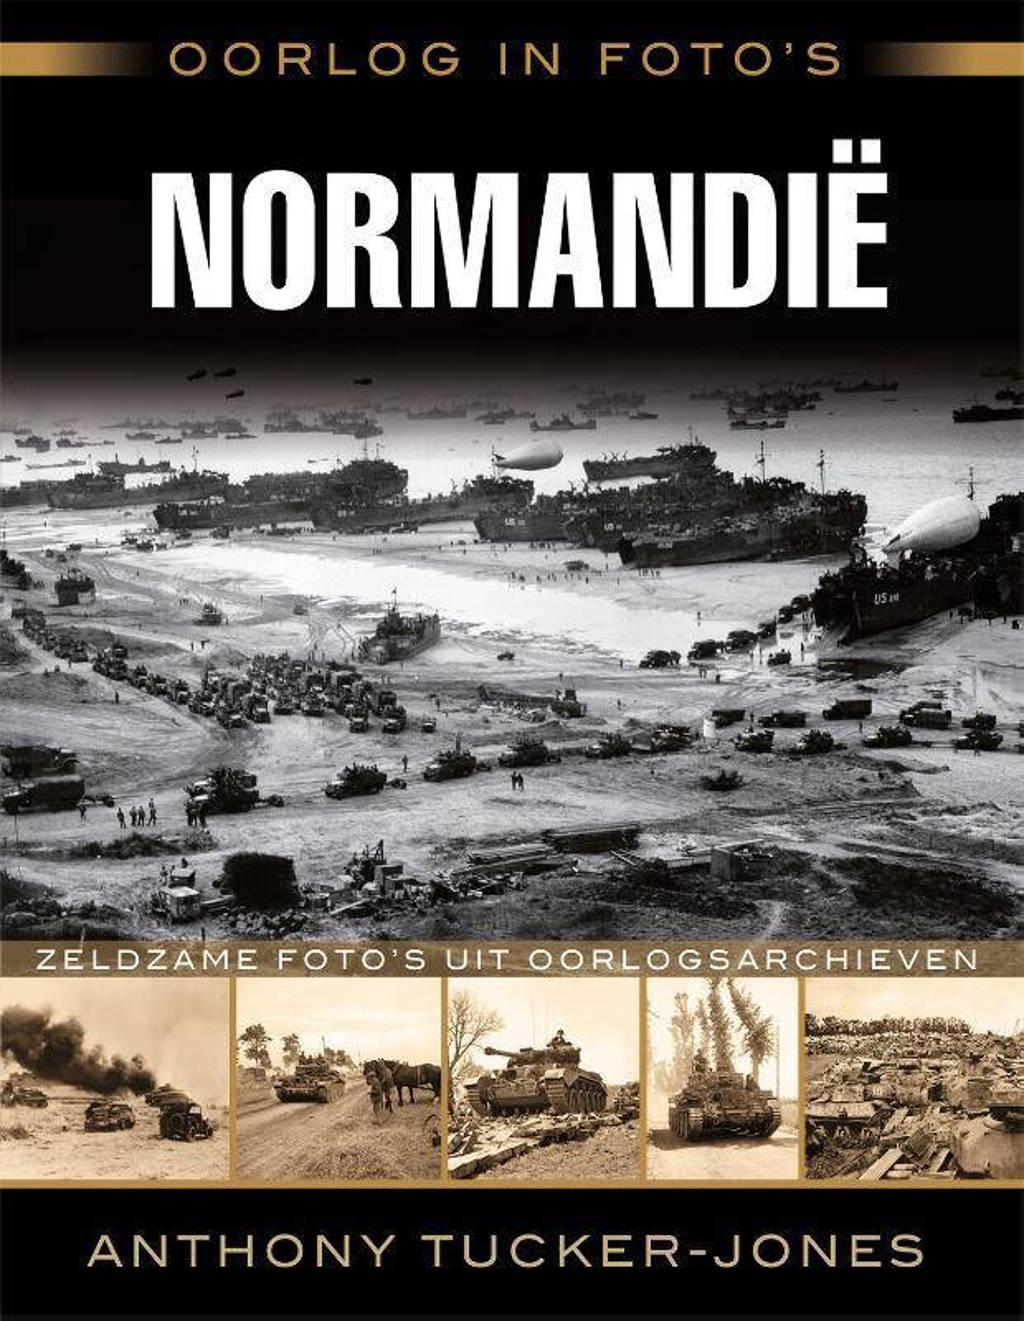 Oorlog in foto's: Normandië - Anthony Tucker-Jones